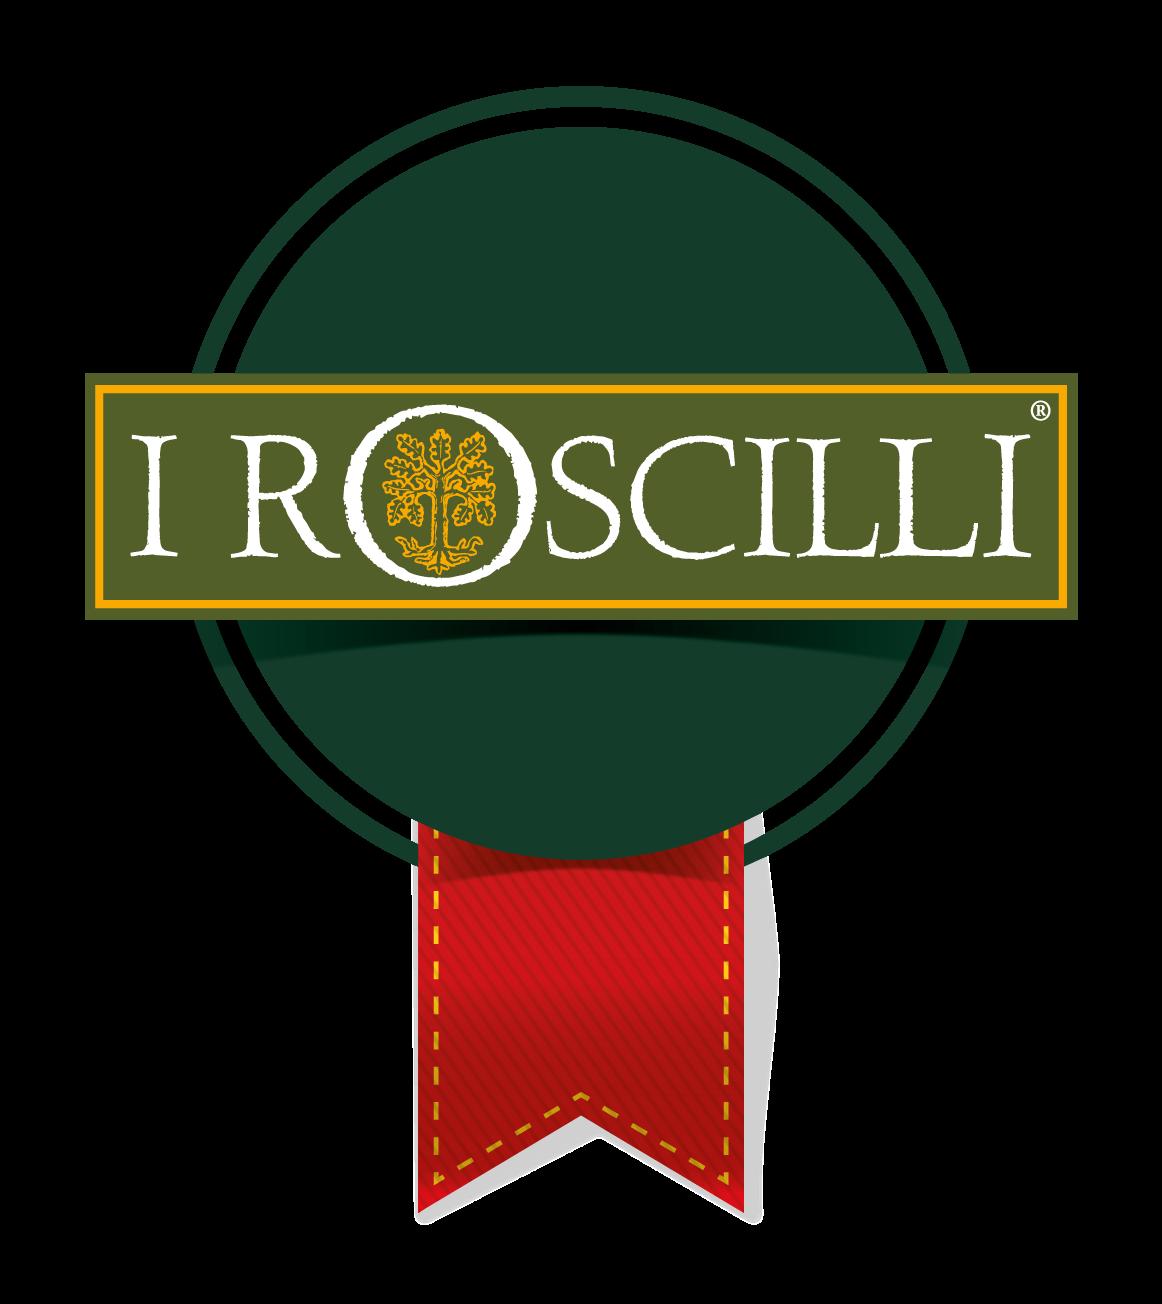 I Roscilli - Shop